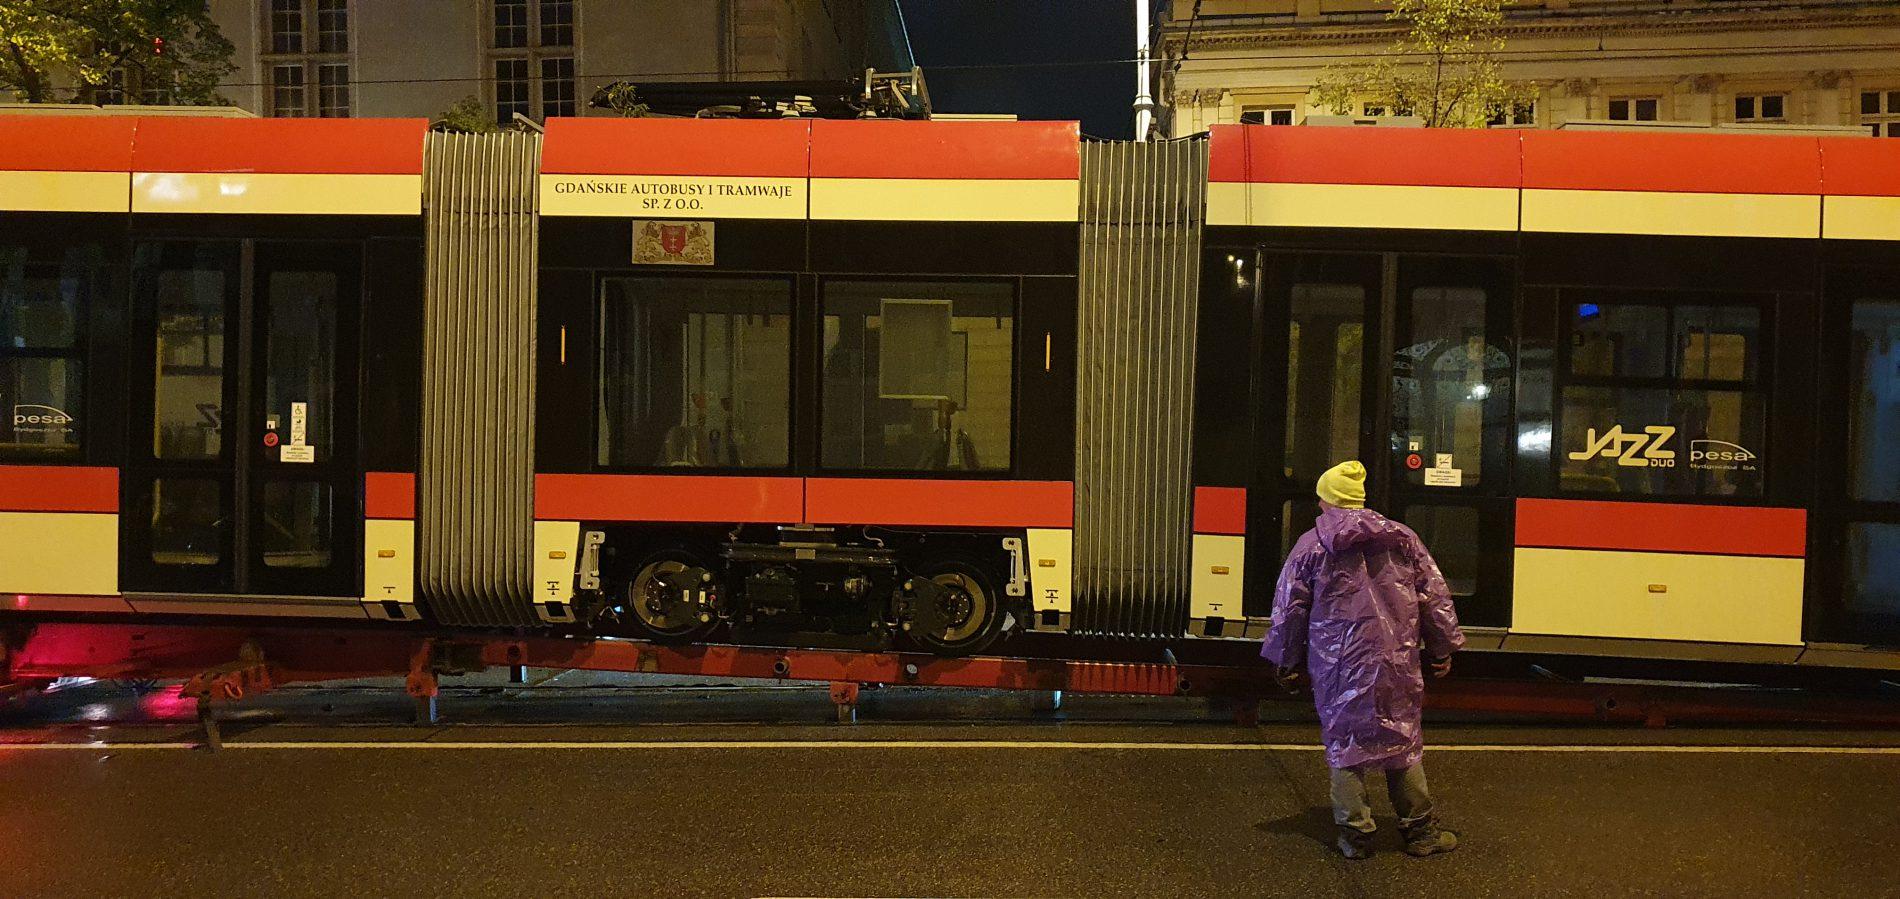 Dostawa nowego tramwaju do Gdańska